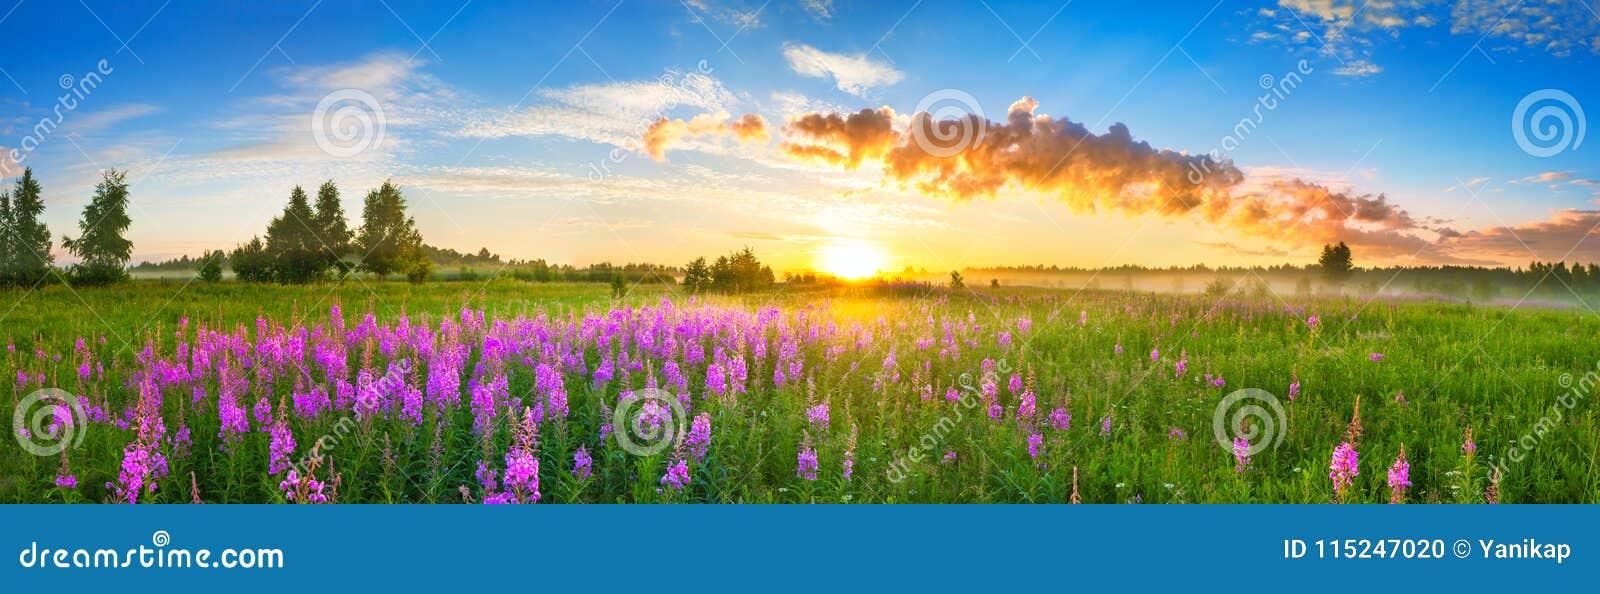 Panorama wiejski krajobraz z wschodem słońca i kwitnąć łąką